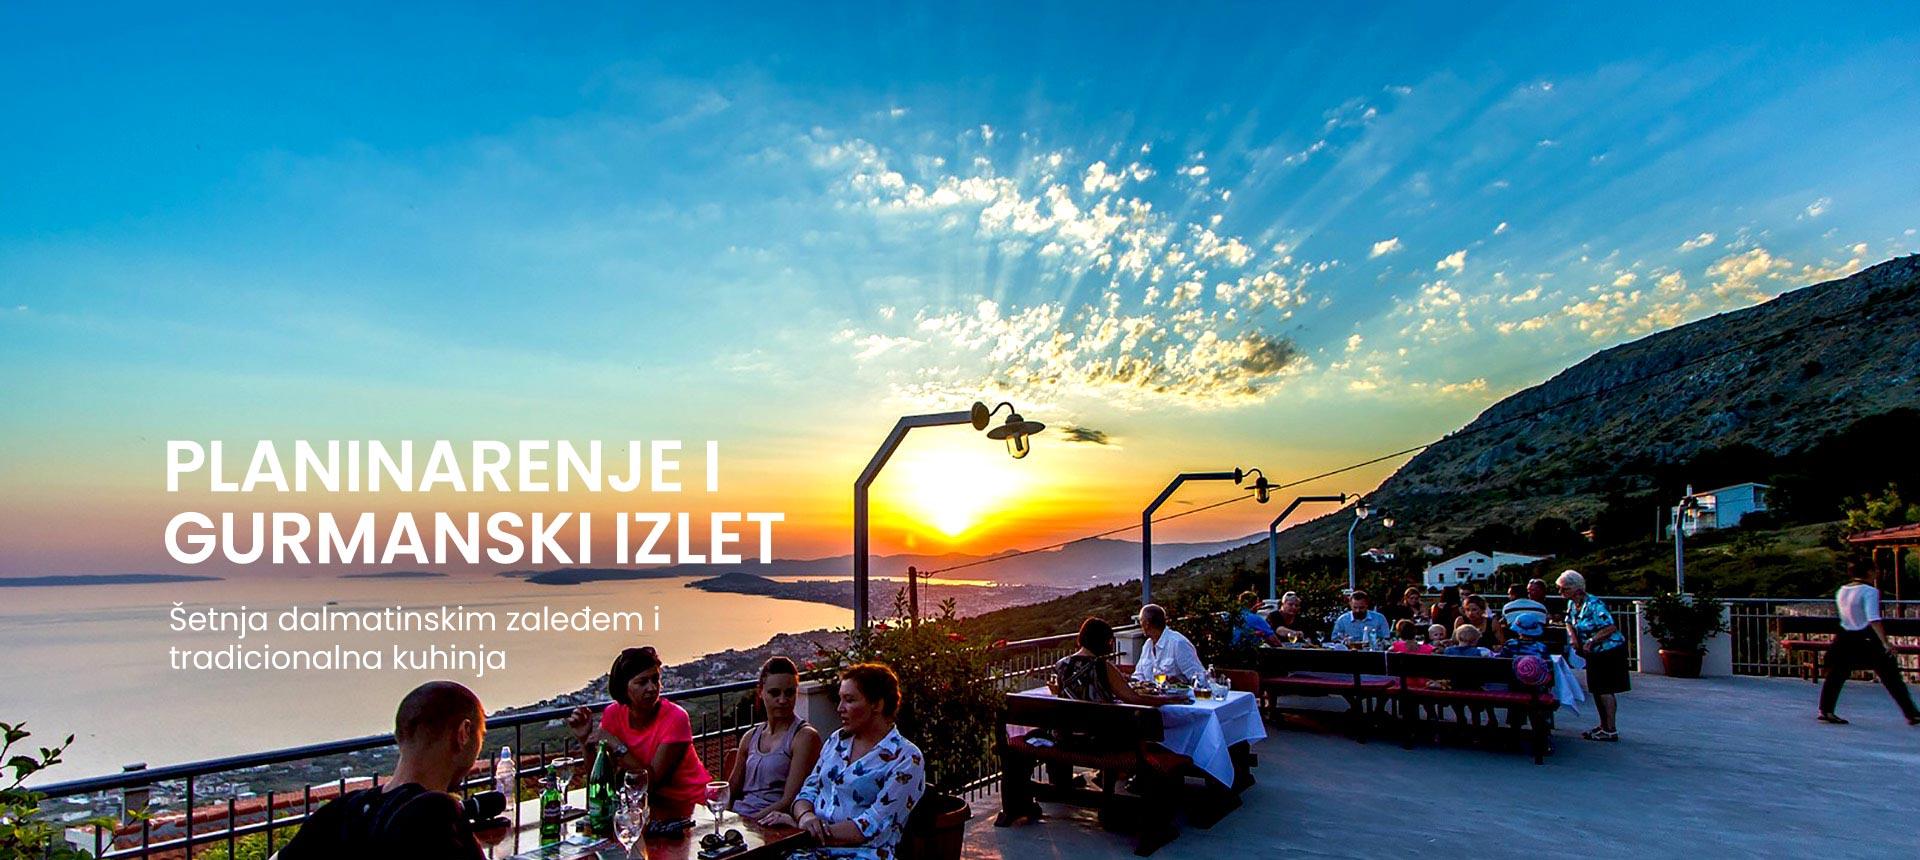 planinarenje i gurmanski izlet iz Splita